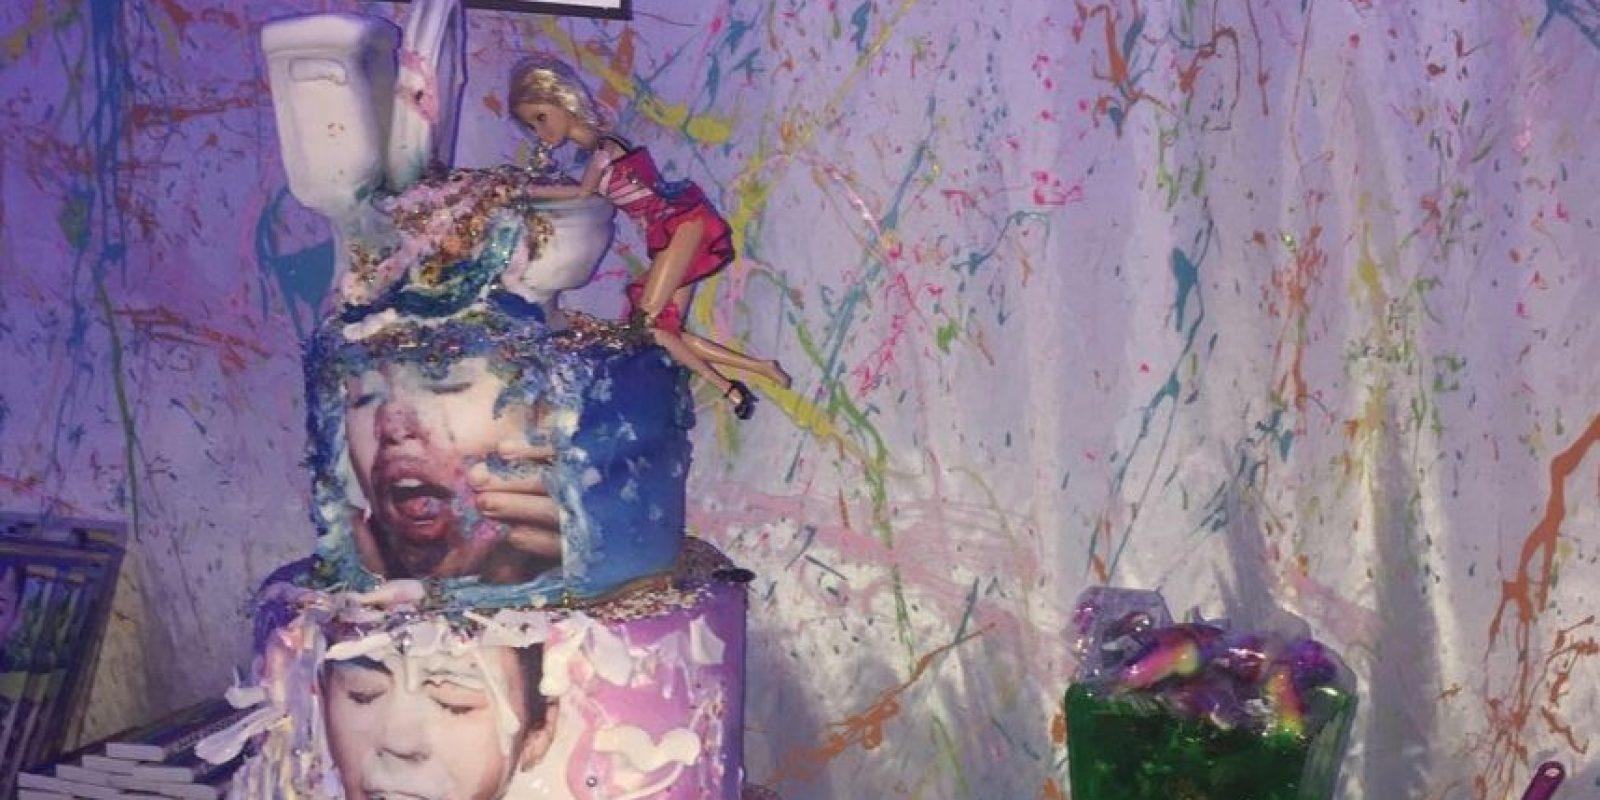 Este fue al paste de Miley en su fiesta Foto:Vía instagram.com/mileycyrus/